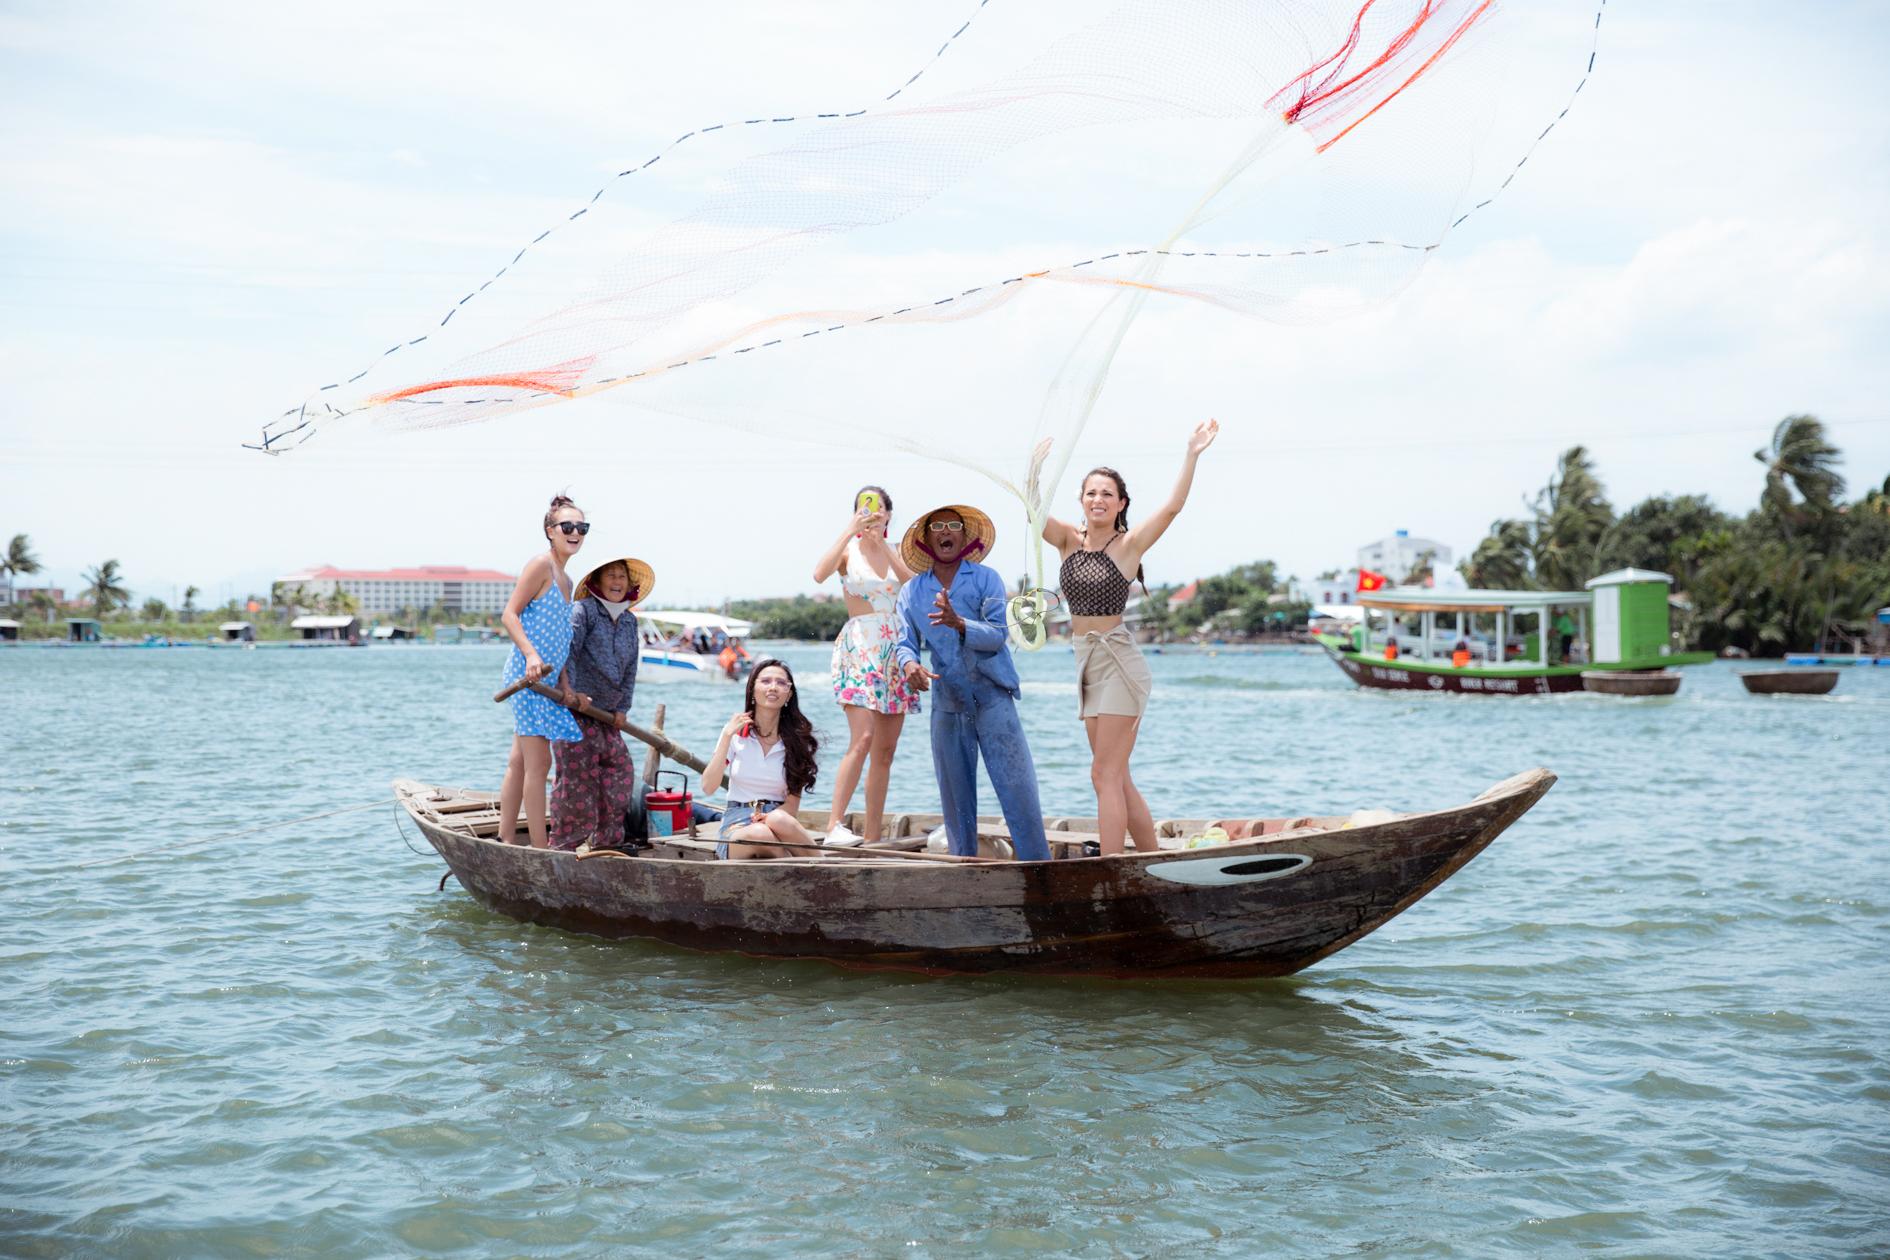 Hoa hậu Phan Thị Mơ cùng các người đẹp chèo thuyền thúng, quăng chài, thả lưới với người dân 3